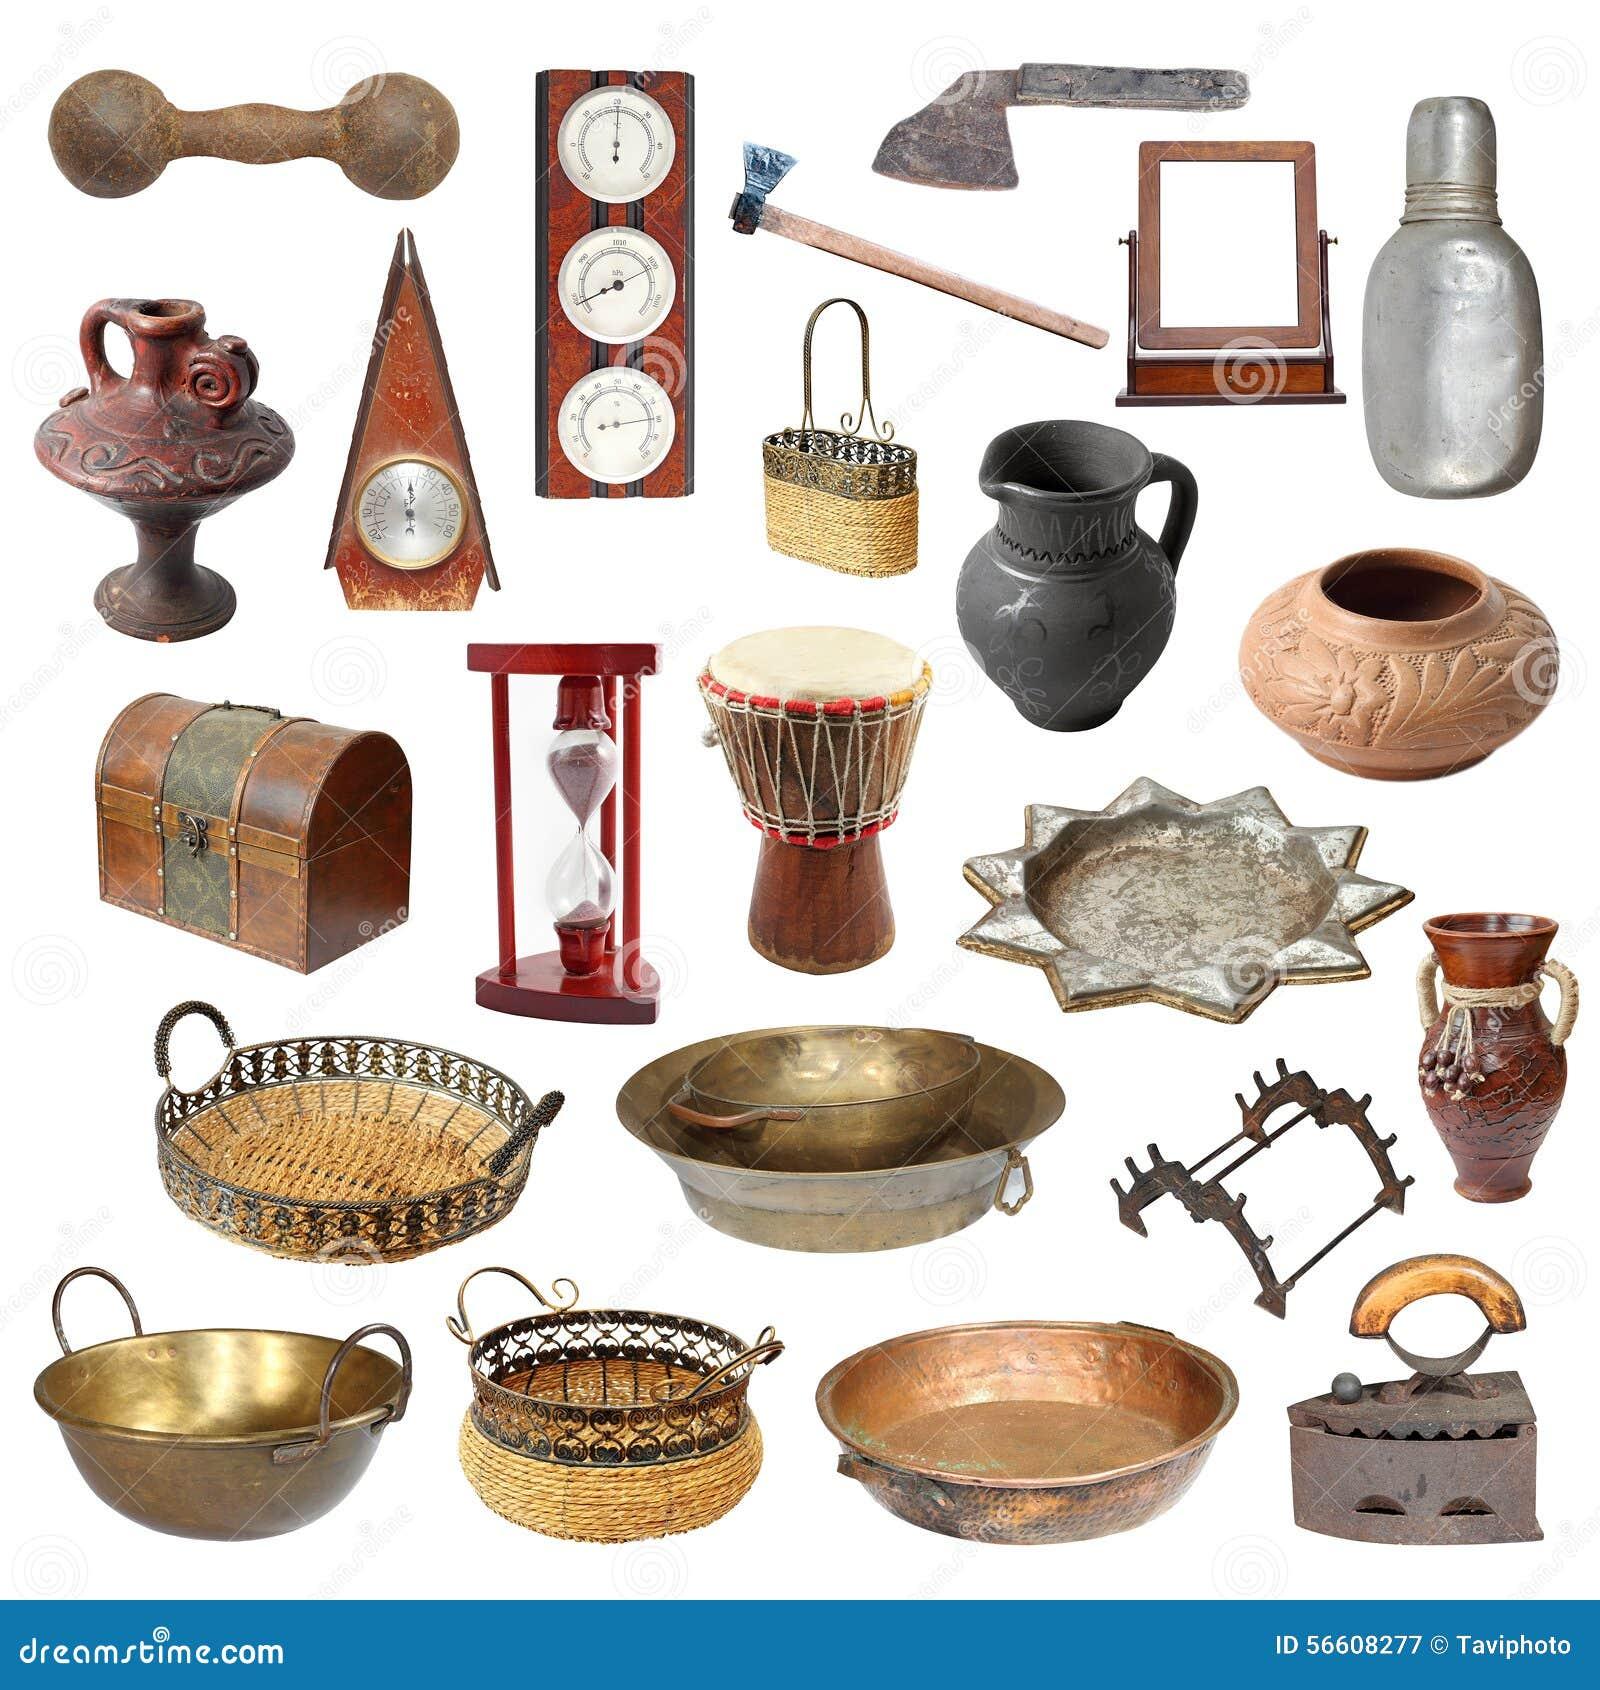 molti oggetti isolati fotografia stock libera da diritti  - raccolta di vecchi oggetti isolati stagionati fotografia stock libera dadiritti